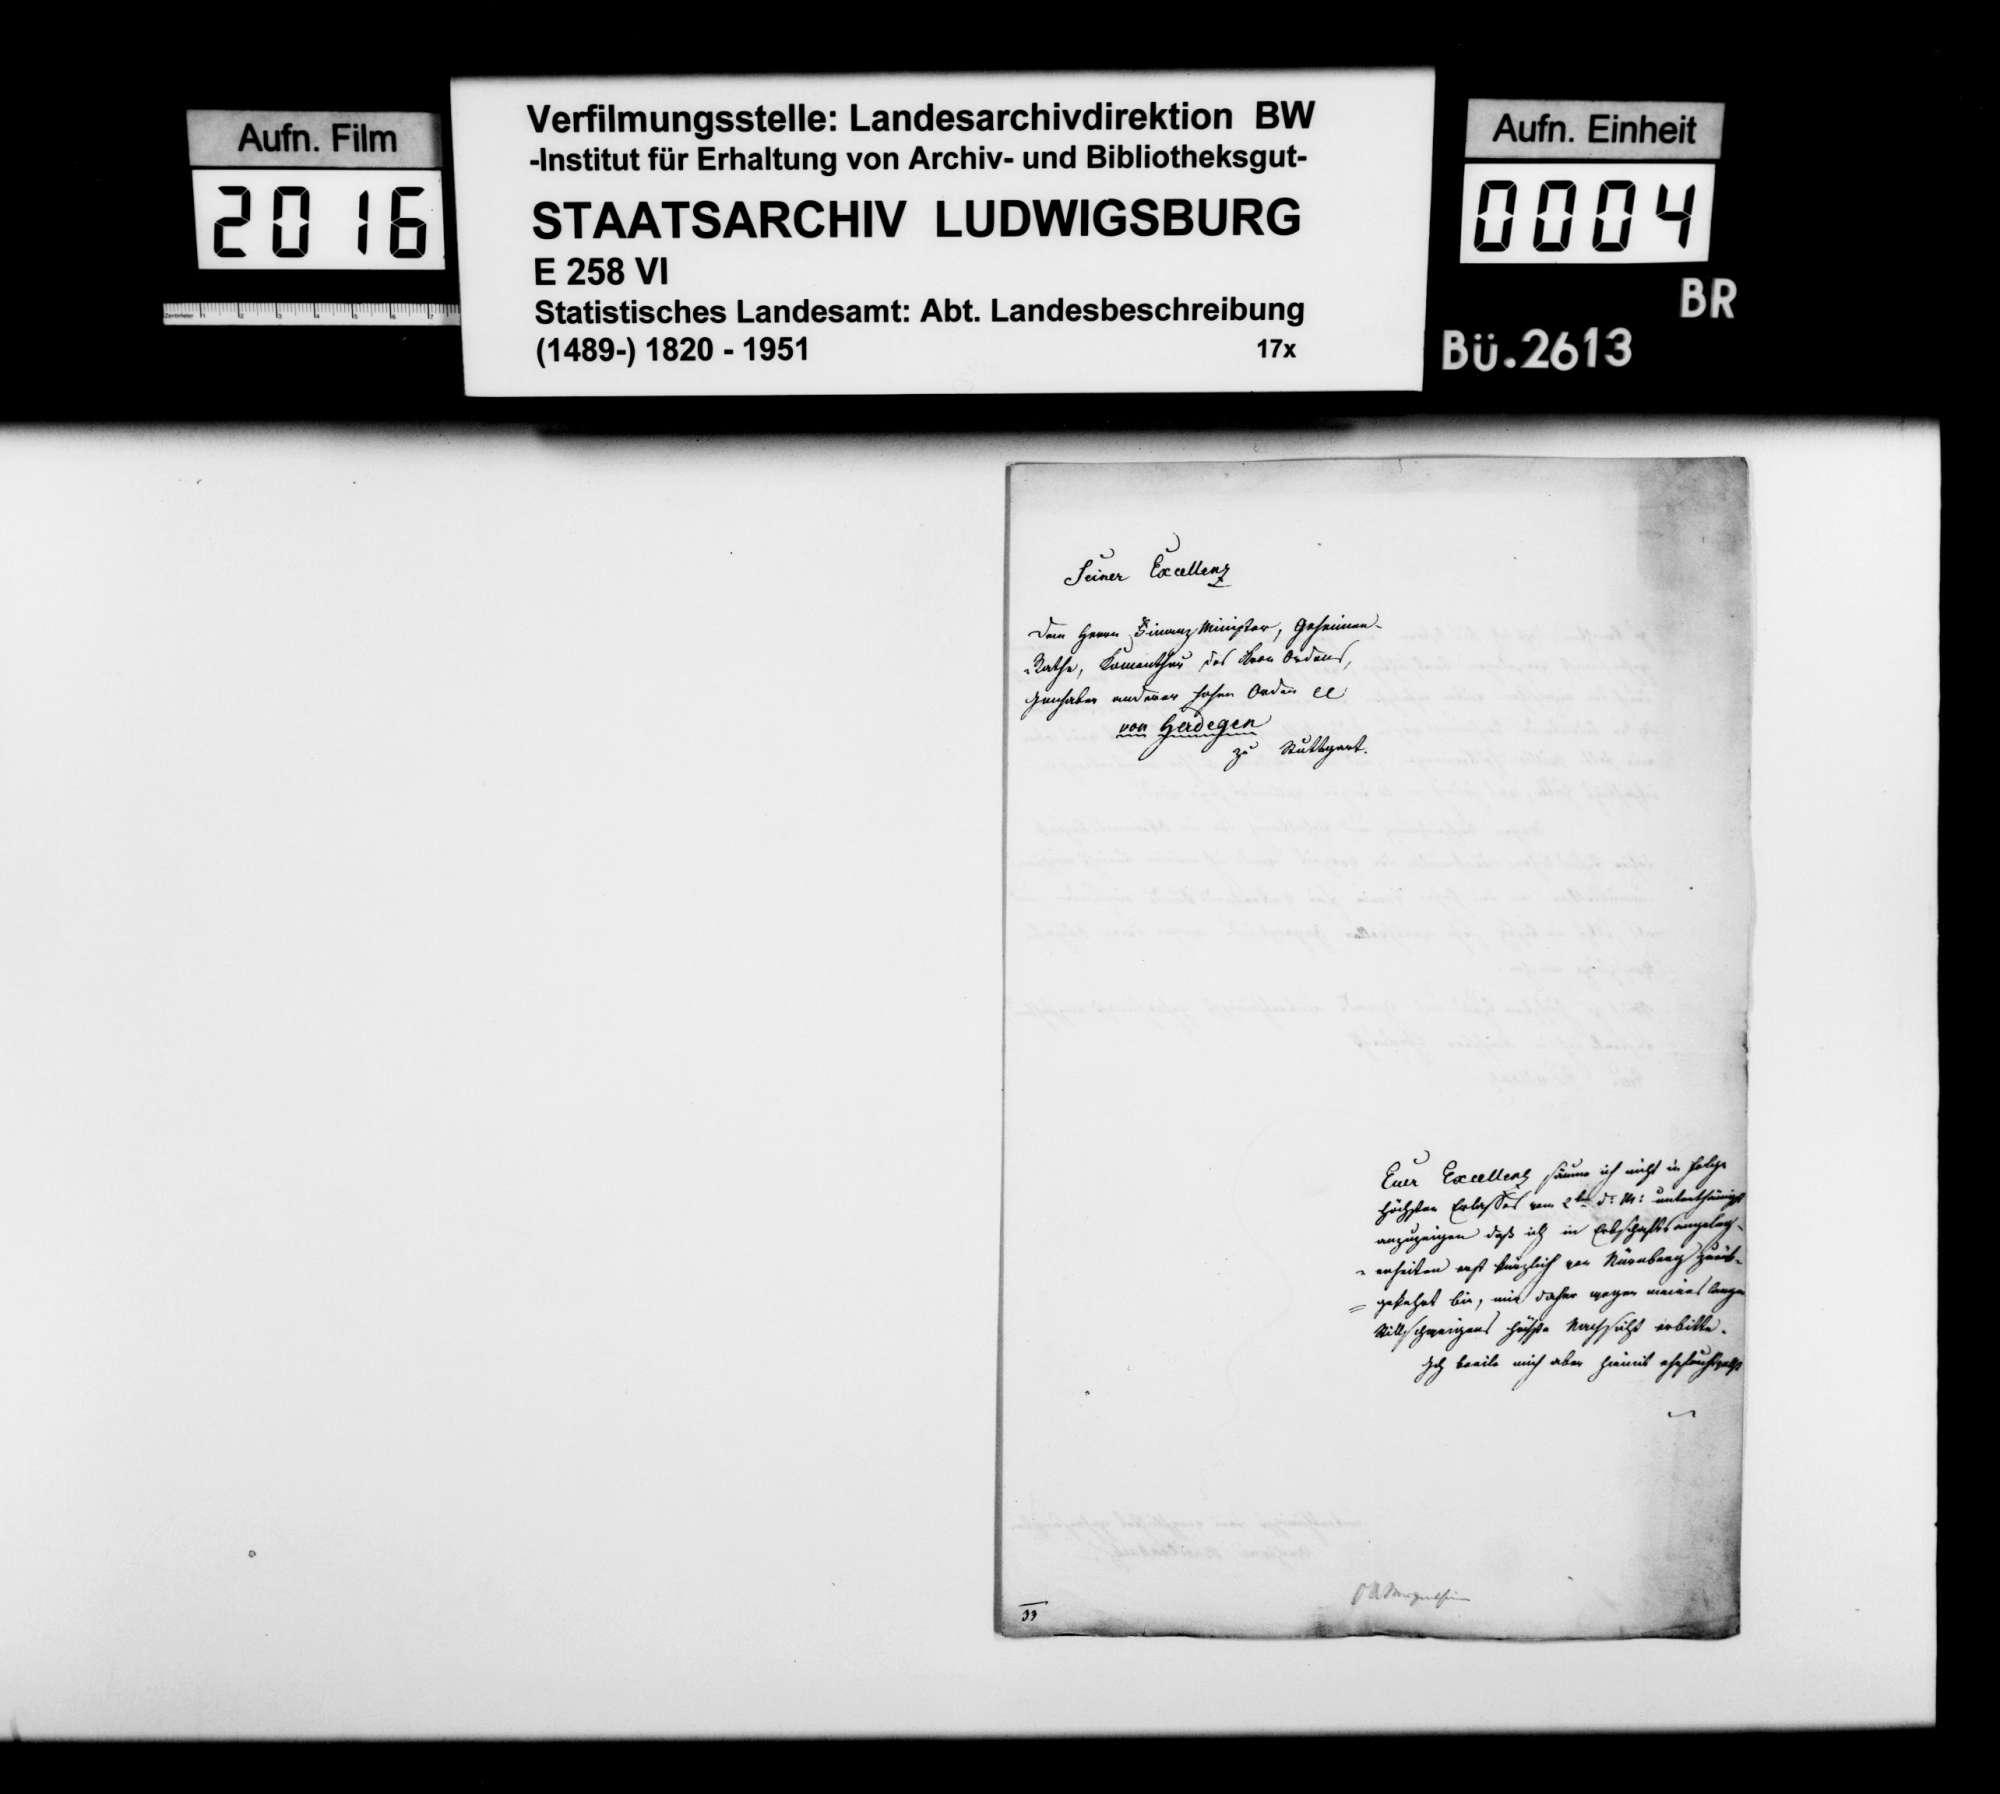 Korrespondenz mit dem Archivar Anton Breitenbach aus Mergentheim und dessen historiographische Beiträge zur OAB, Bild 3